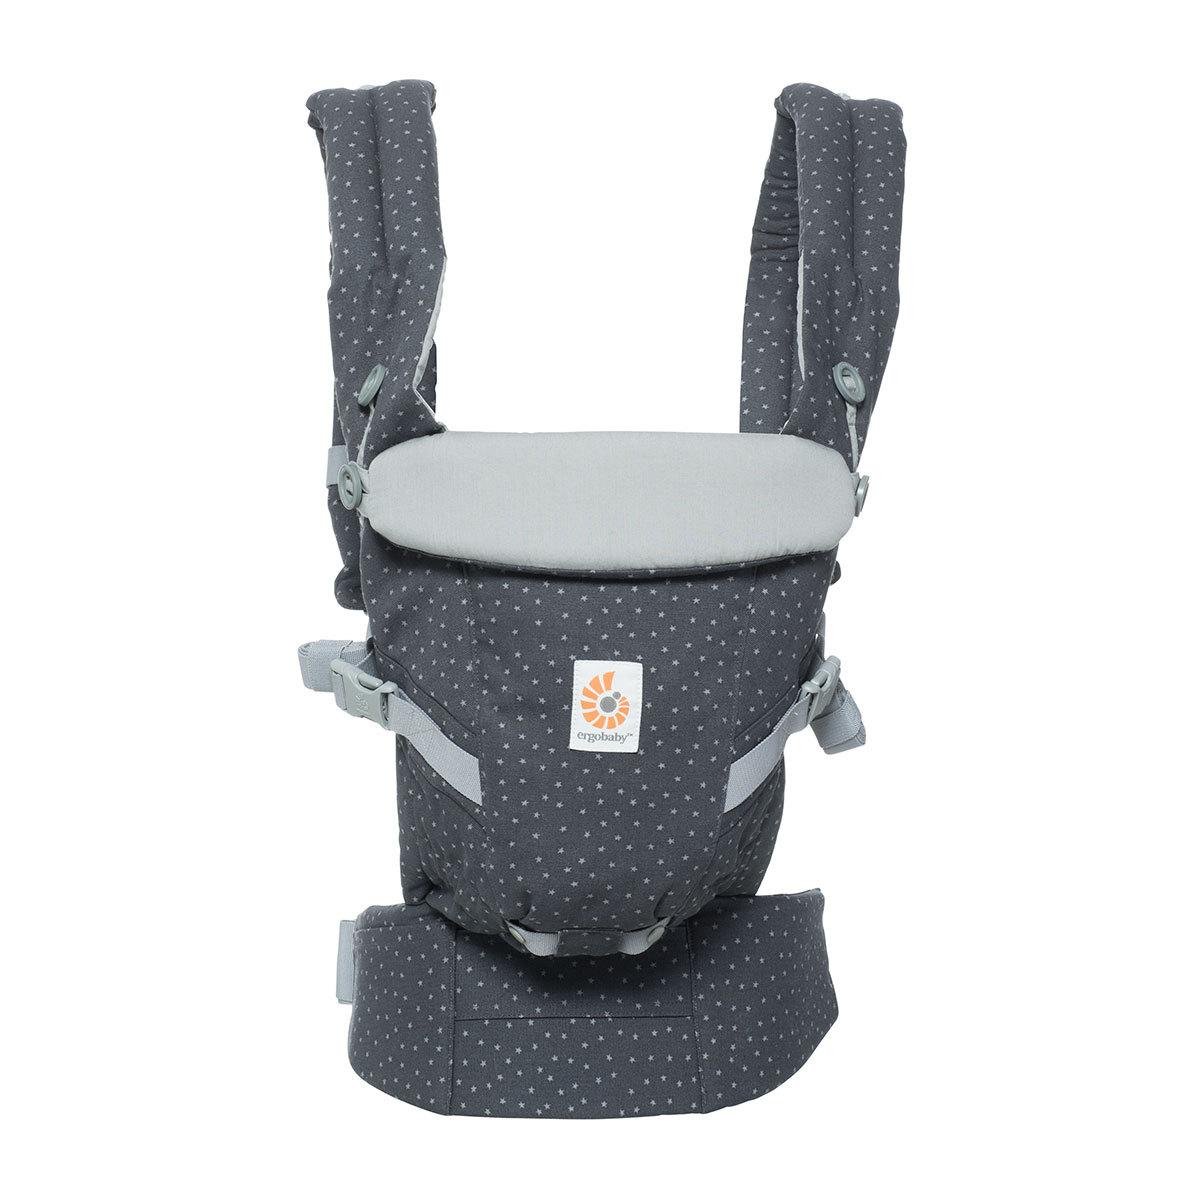 Porte bébé Porte-Bébé Adapt - Gris Etoilé